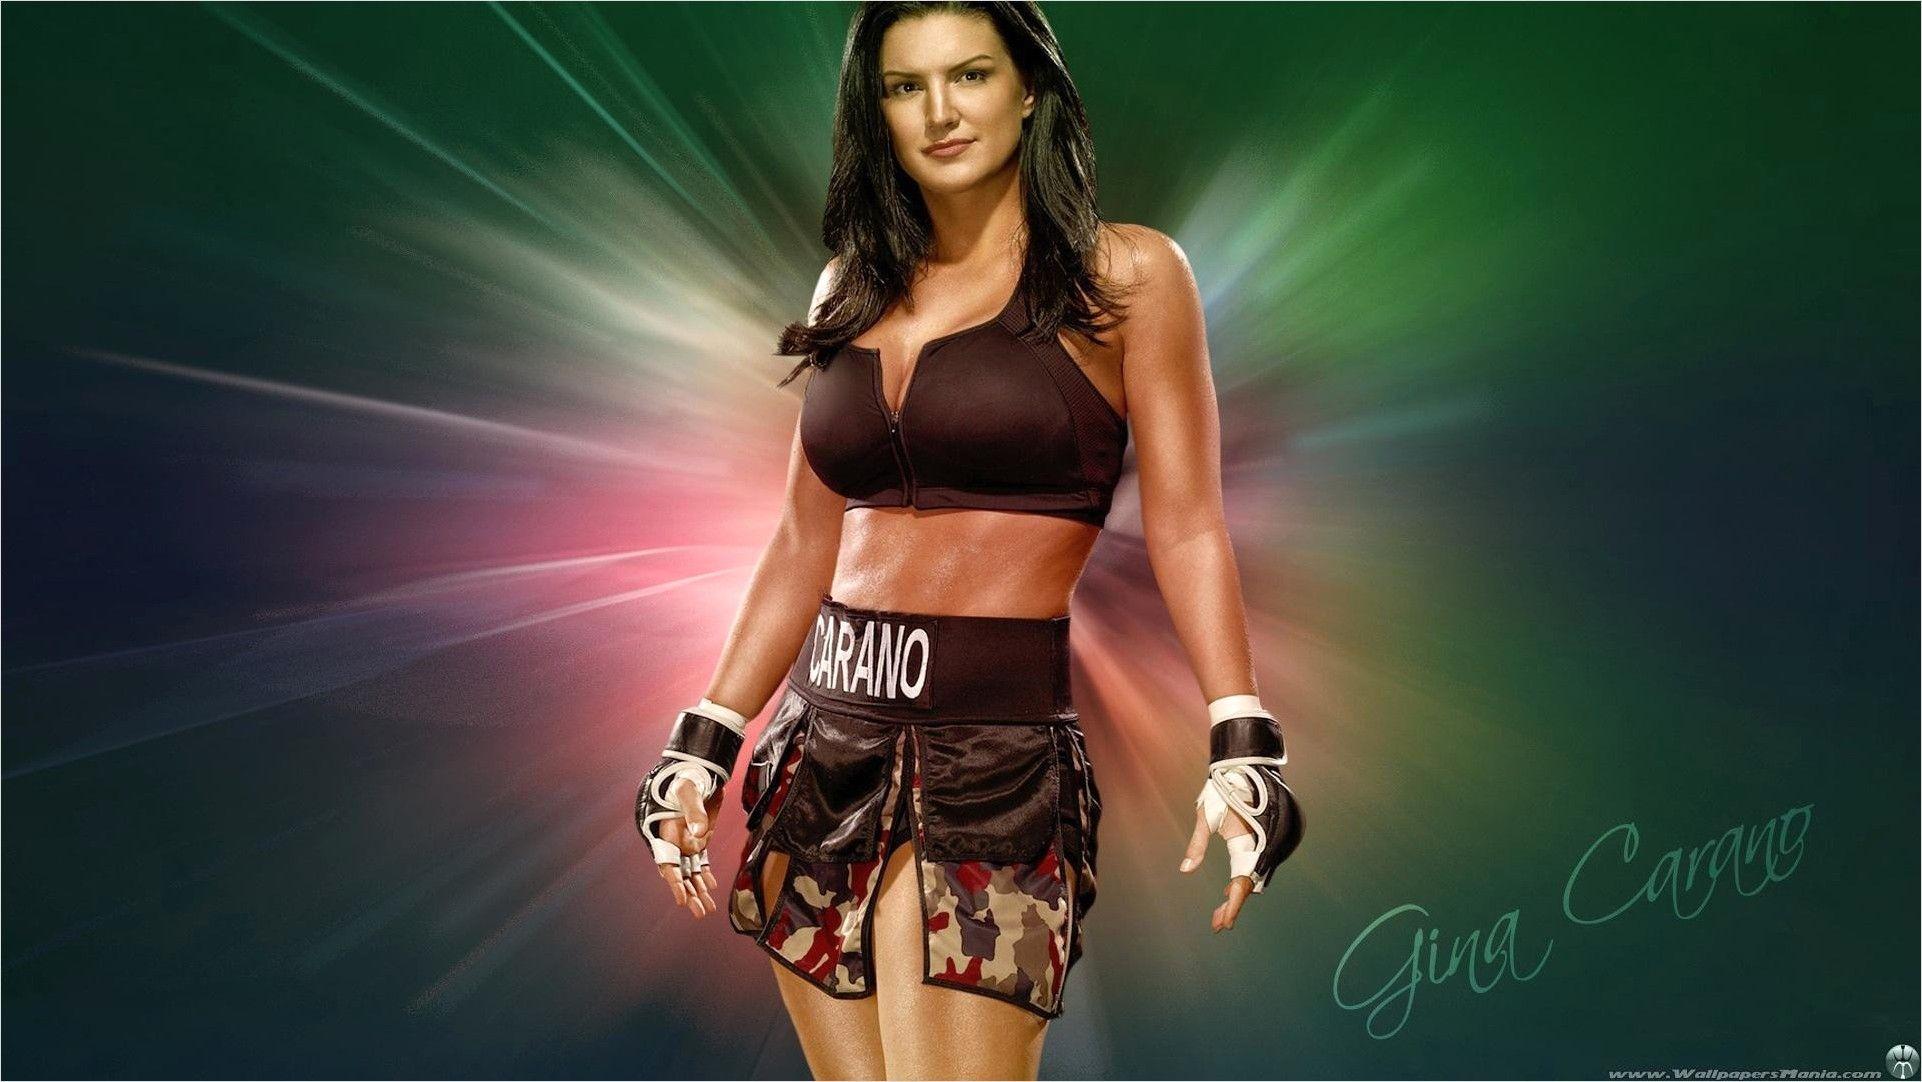 4k Female Mma Wallpaper In 2020 Mma Women Fitness Model Wonder Woman